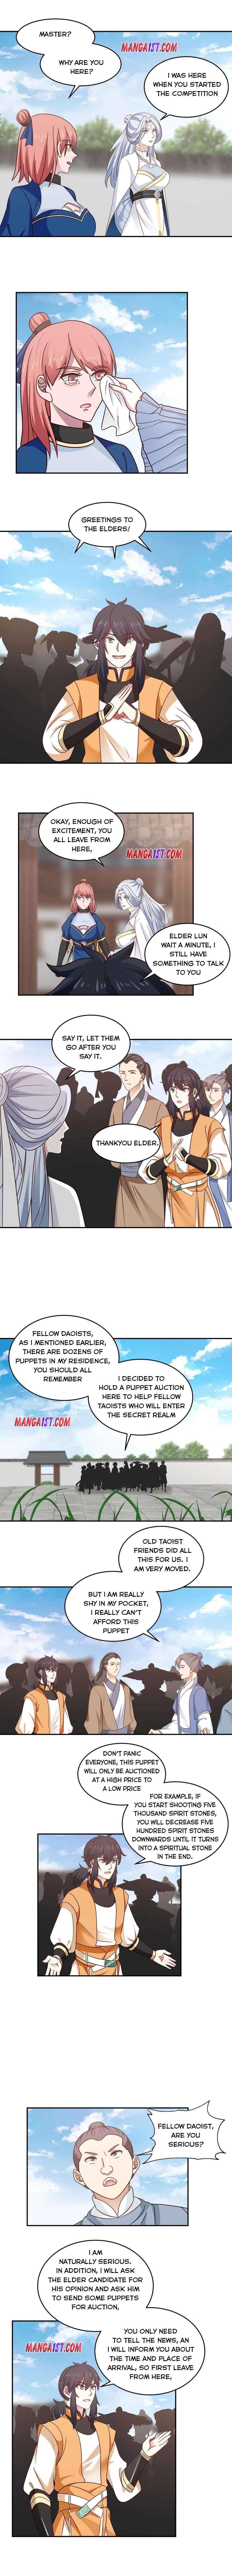 Chaos Alchemist Chapter 124 page 1 - Mangakakalots.com